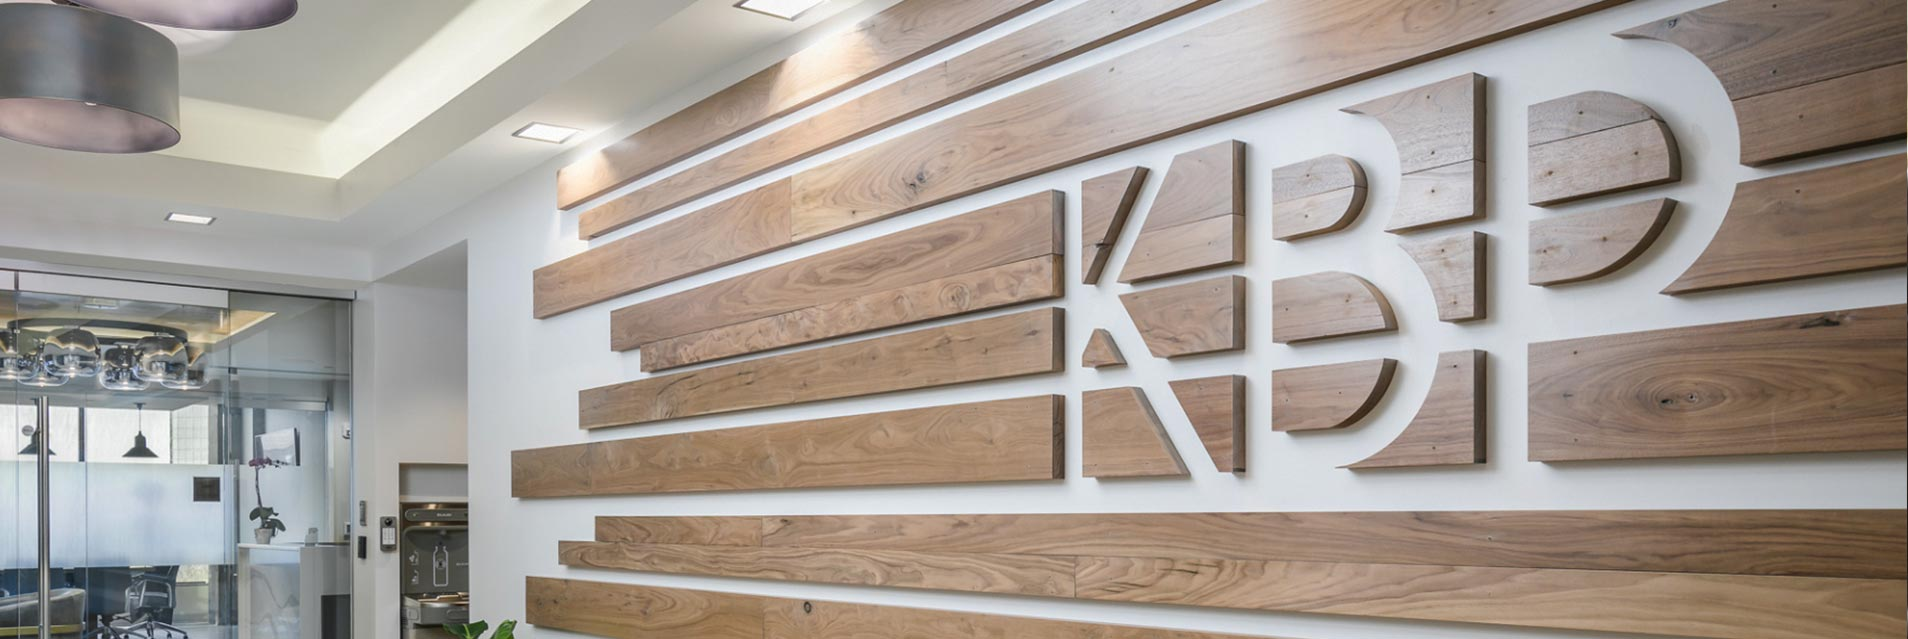 Kbp Foods Vision Mission Values